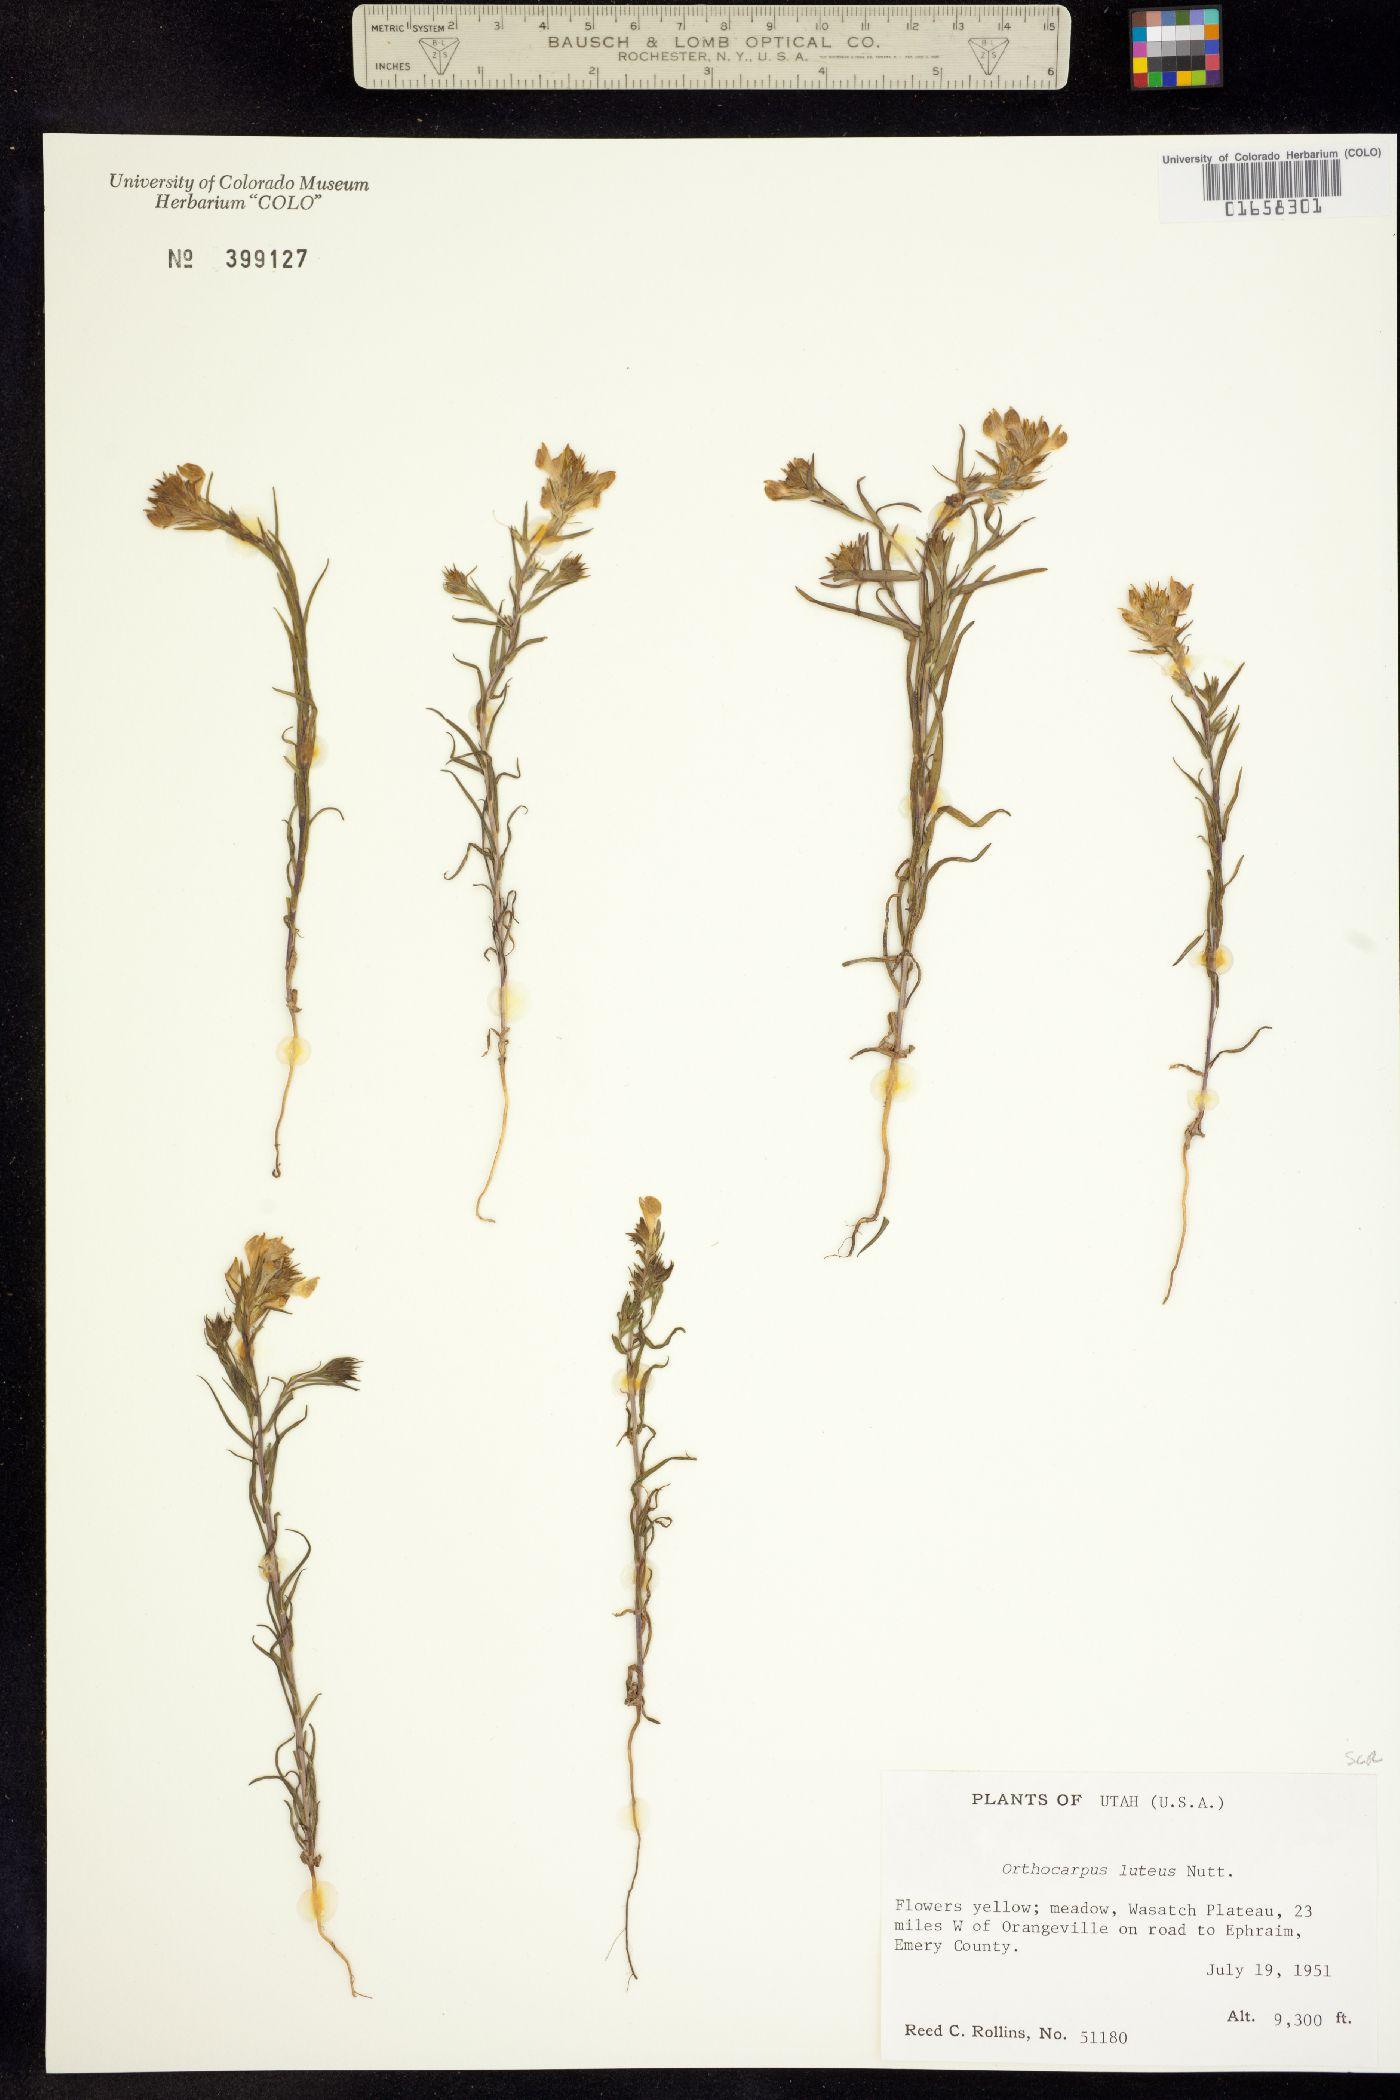 Orthocarpus image